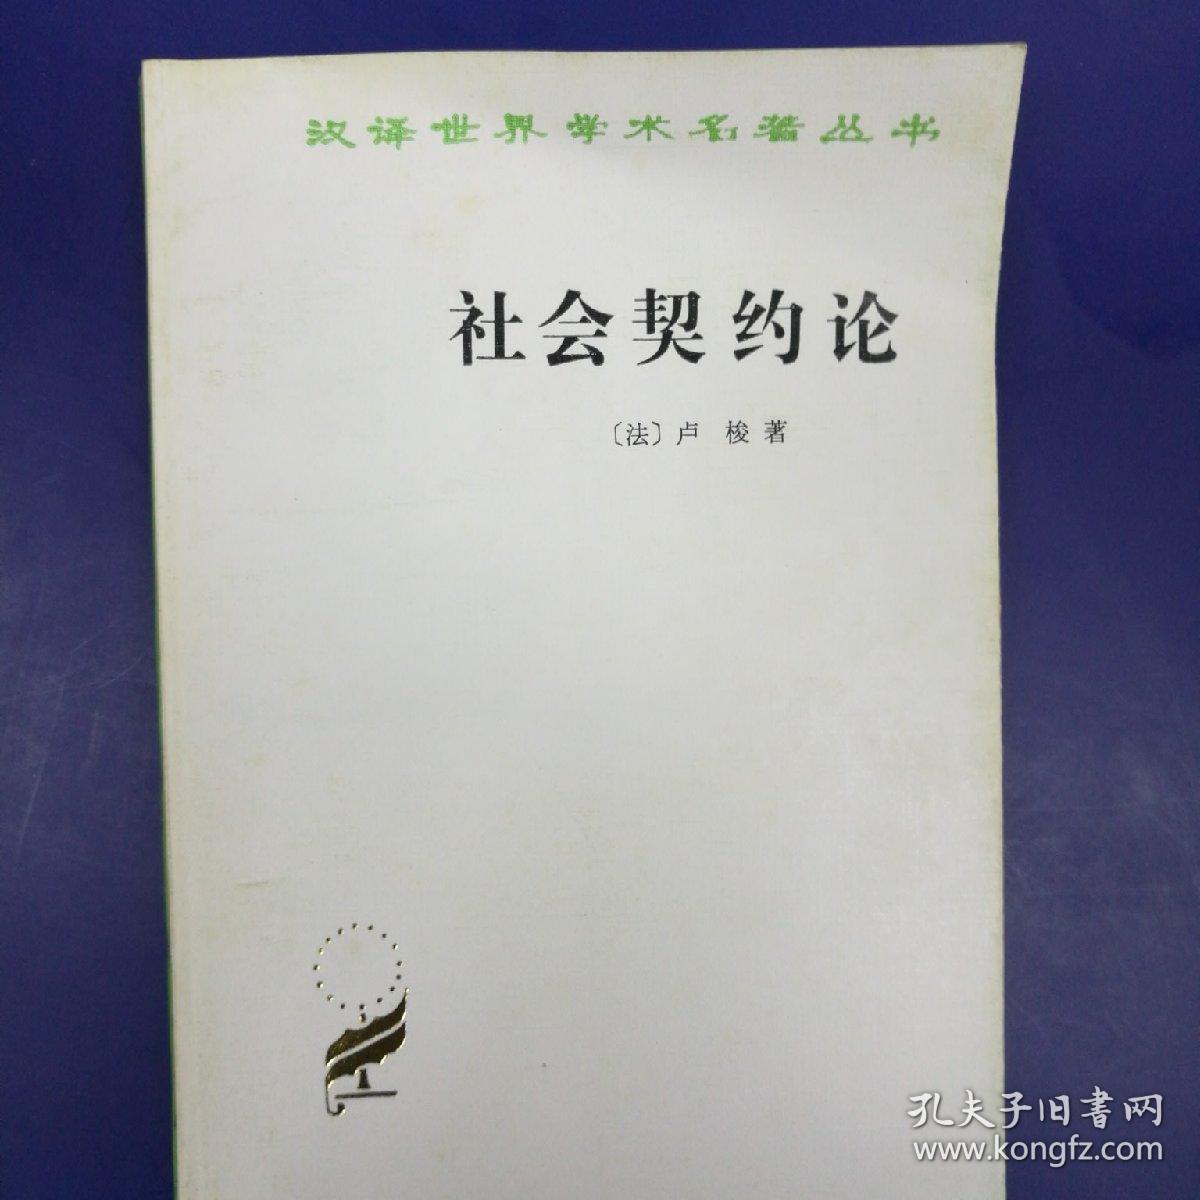 汉译世界学术名著丛书_汉译世界学术名著丛书全集合集下载